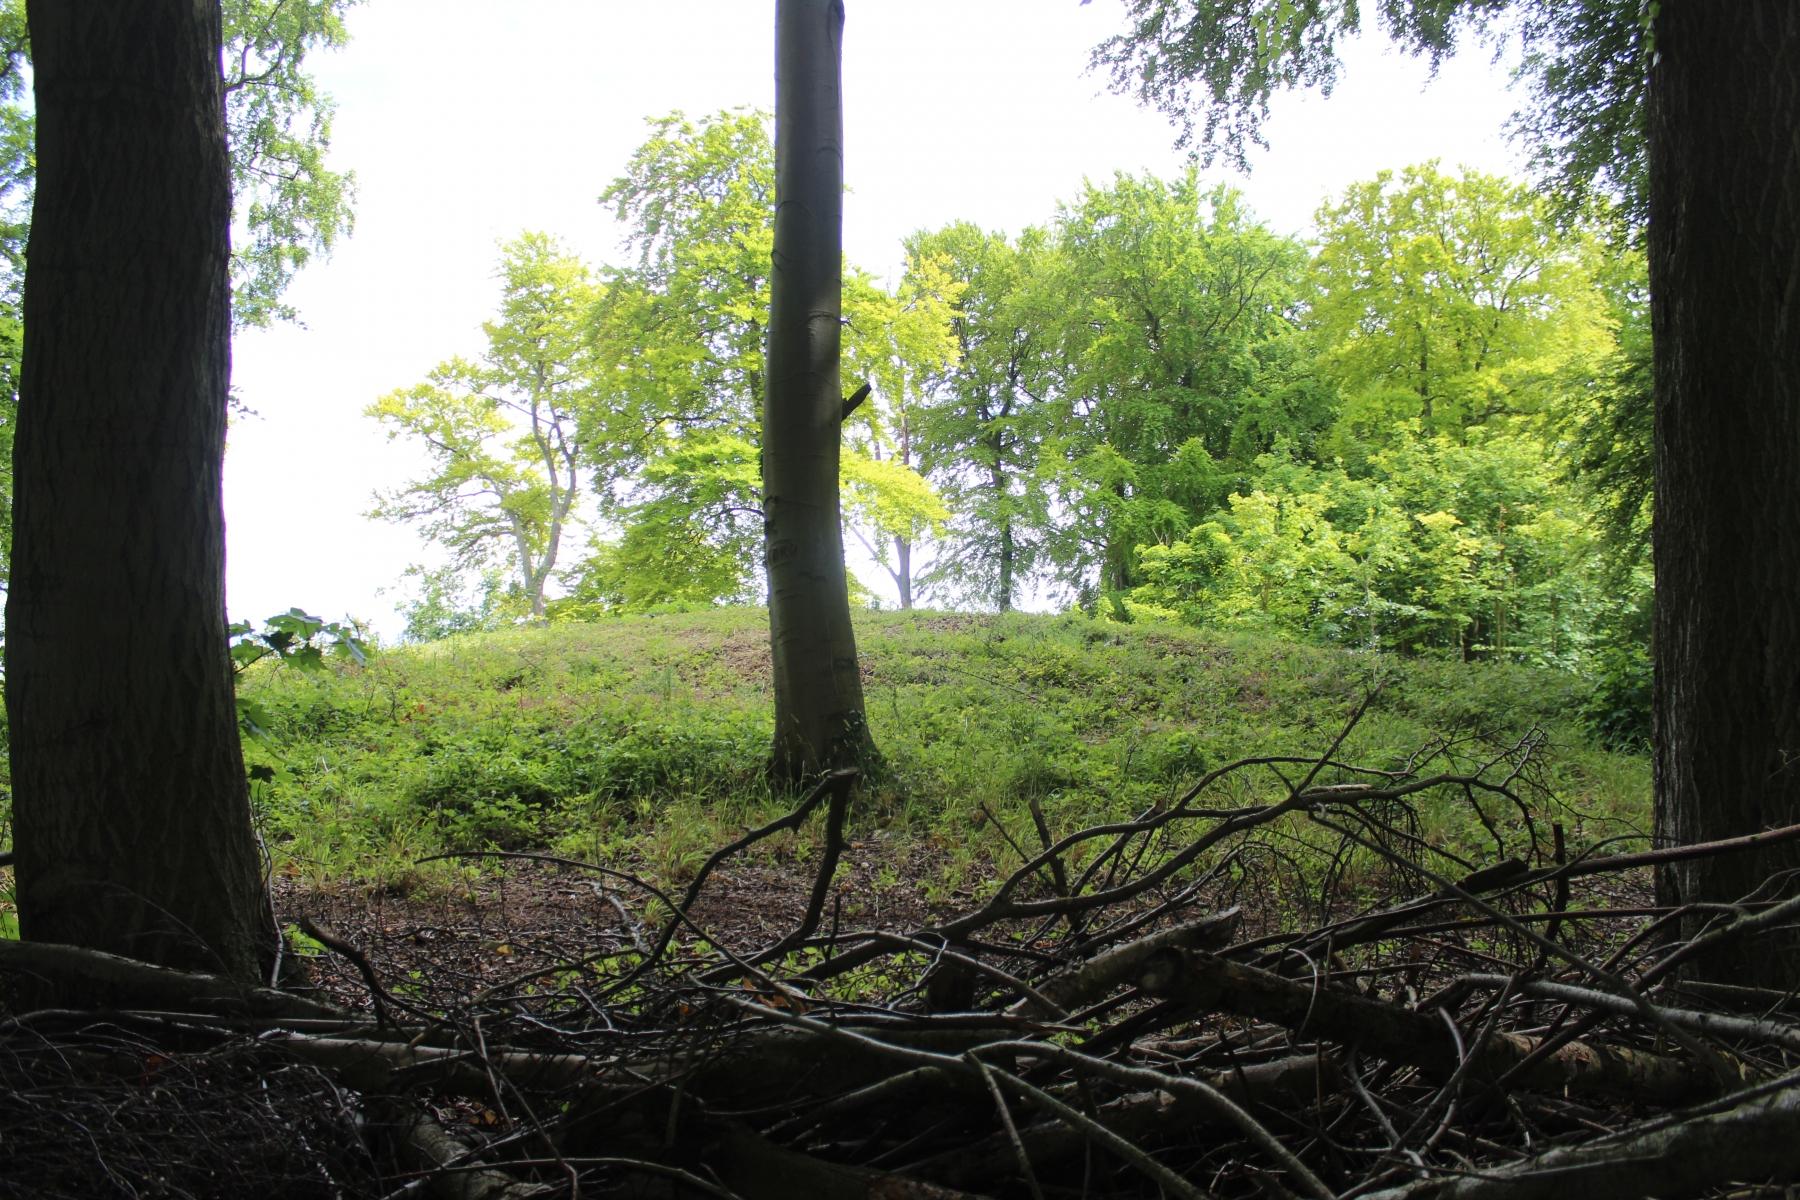 Tingley Round Barrow (Tumulus)